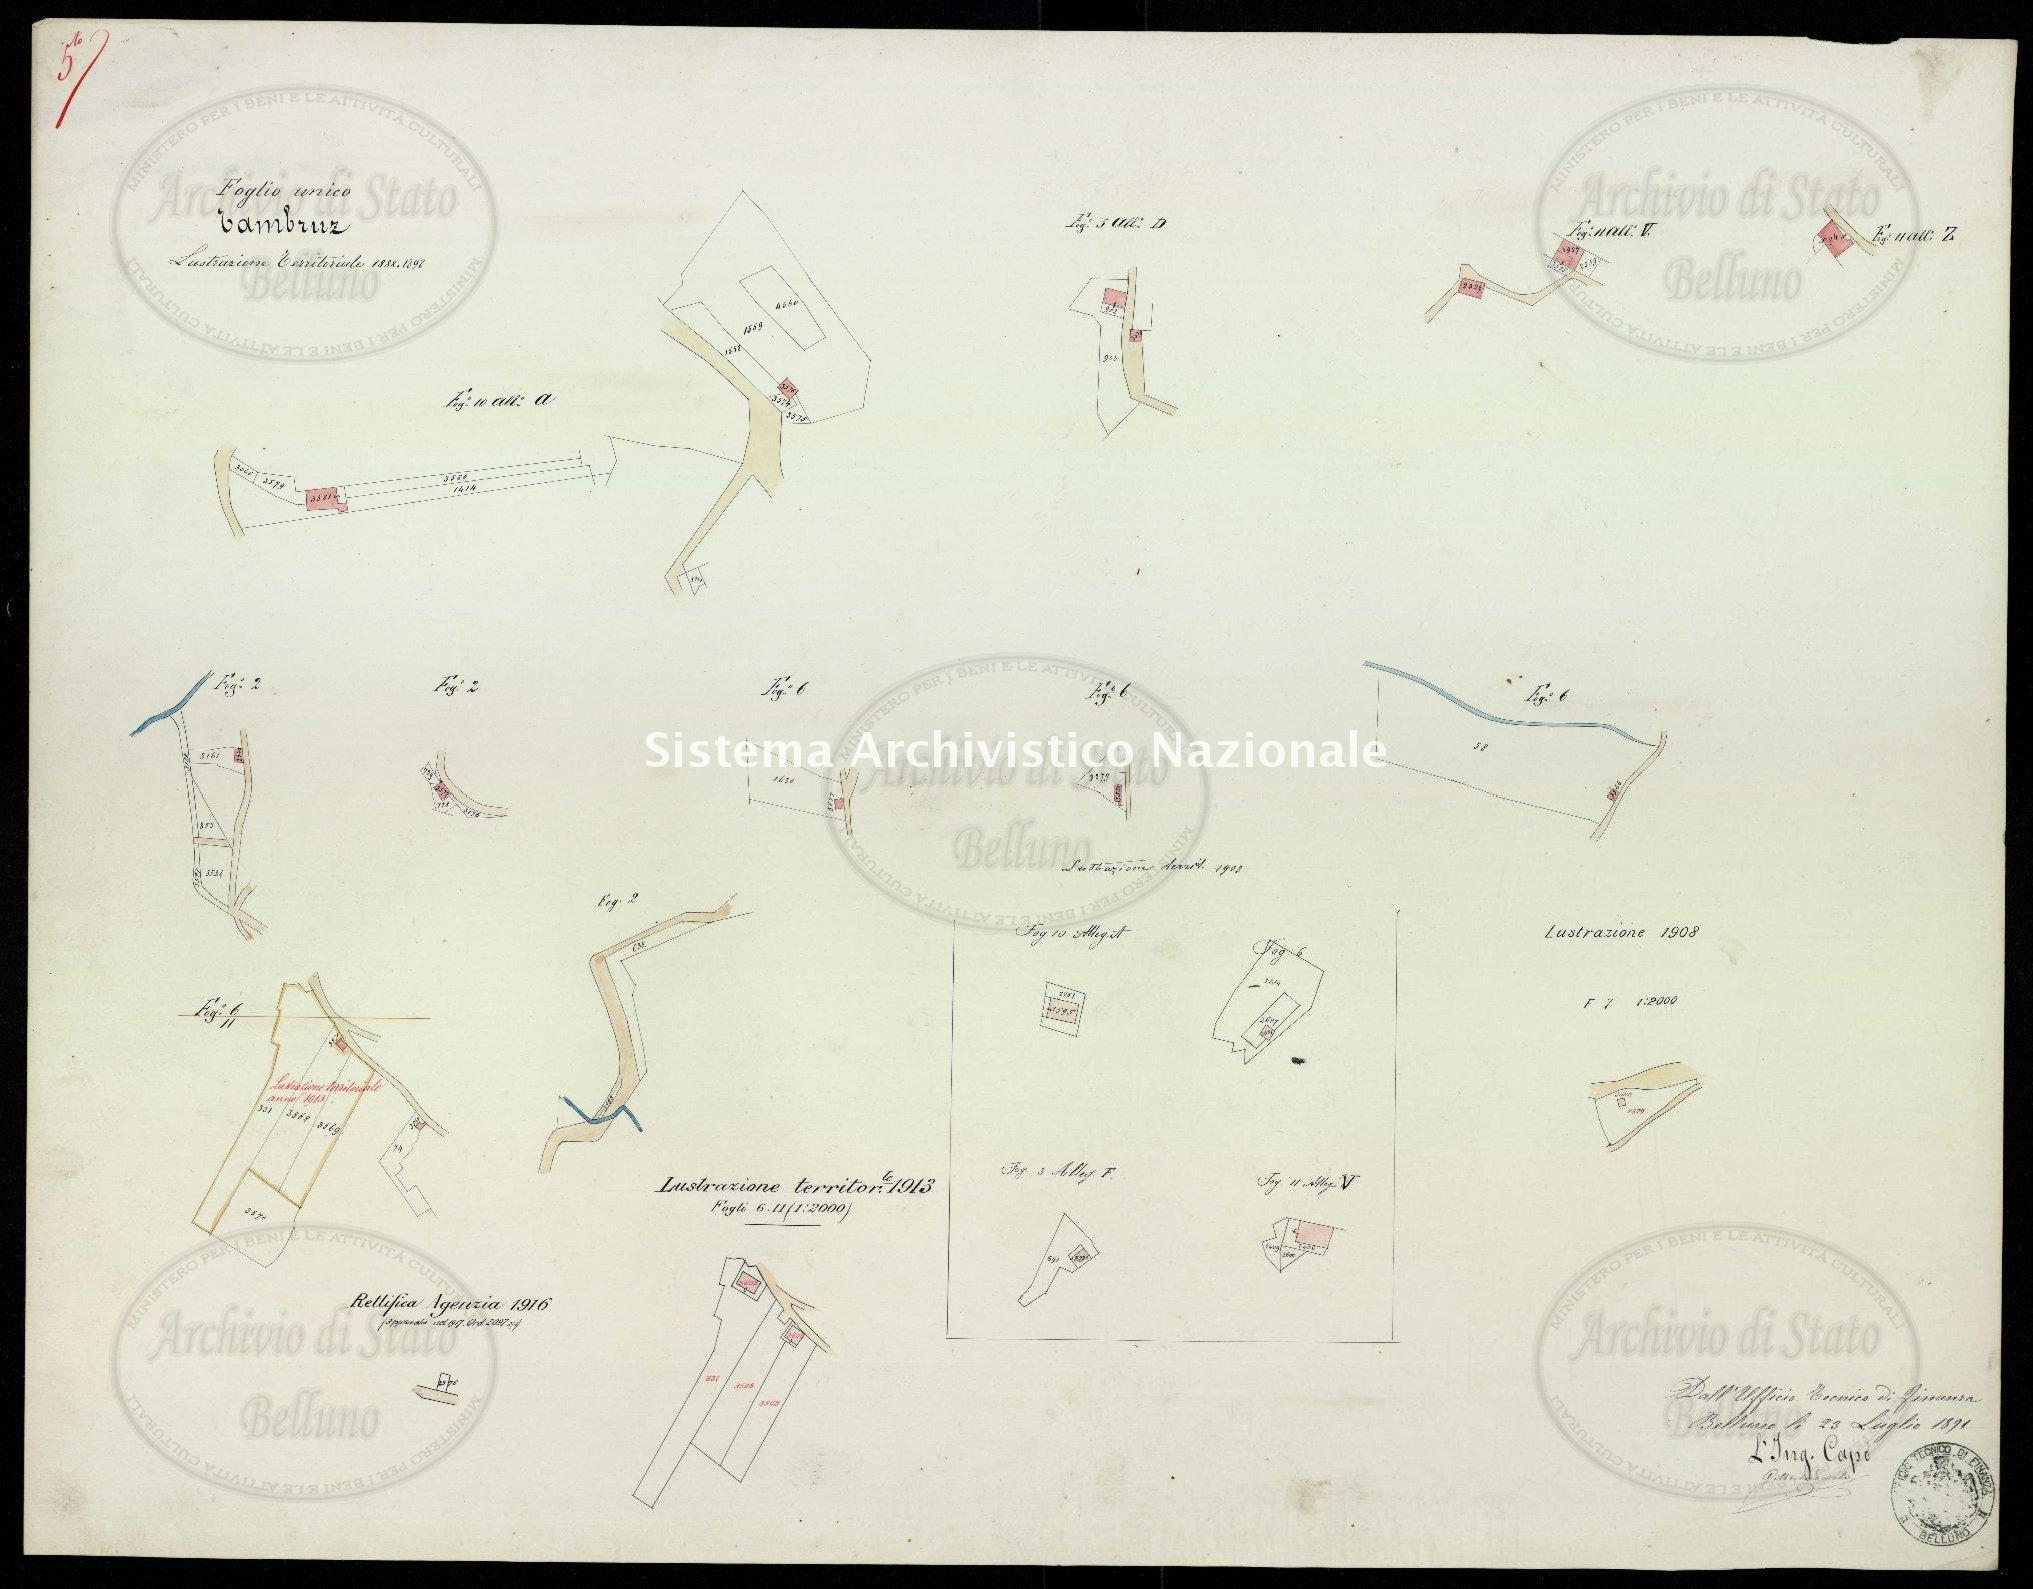 Archivio di Stato di Belluno, Censo stabile attivato, Mappe, Mappe I conservazione, Comune censuario 062 Tambruz